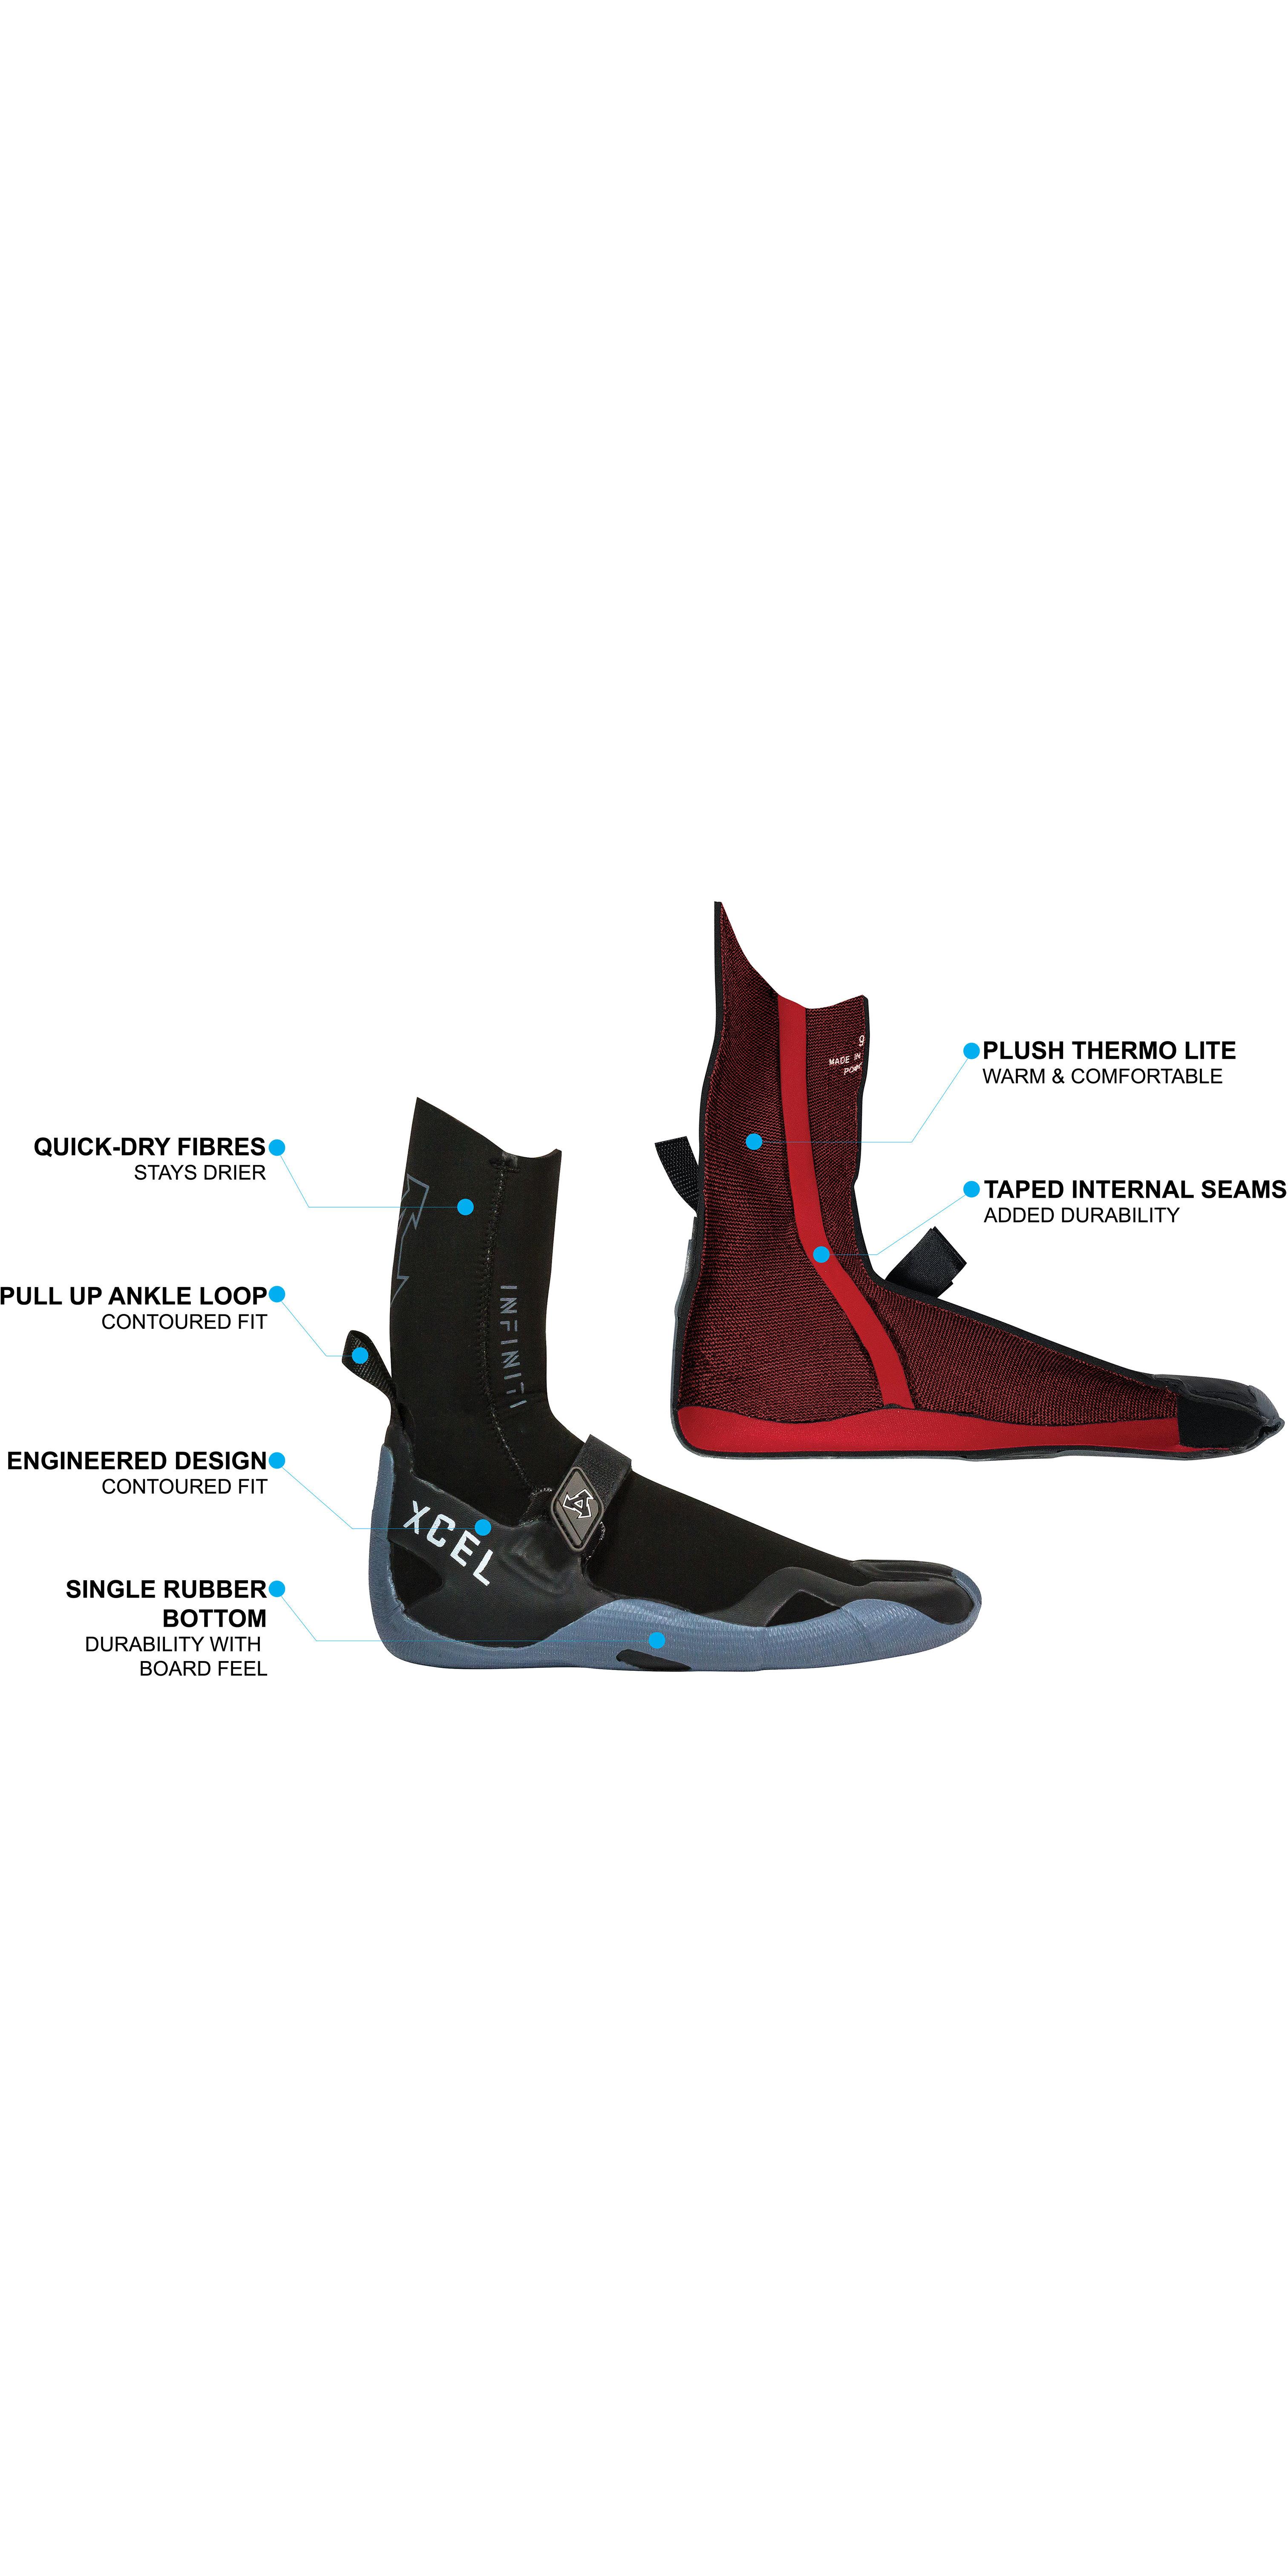 2020 Xcel Infiniti 5mm Split Toe Boots AT057017 - Black / Grey